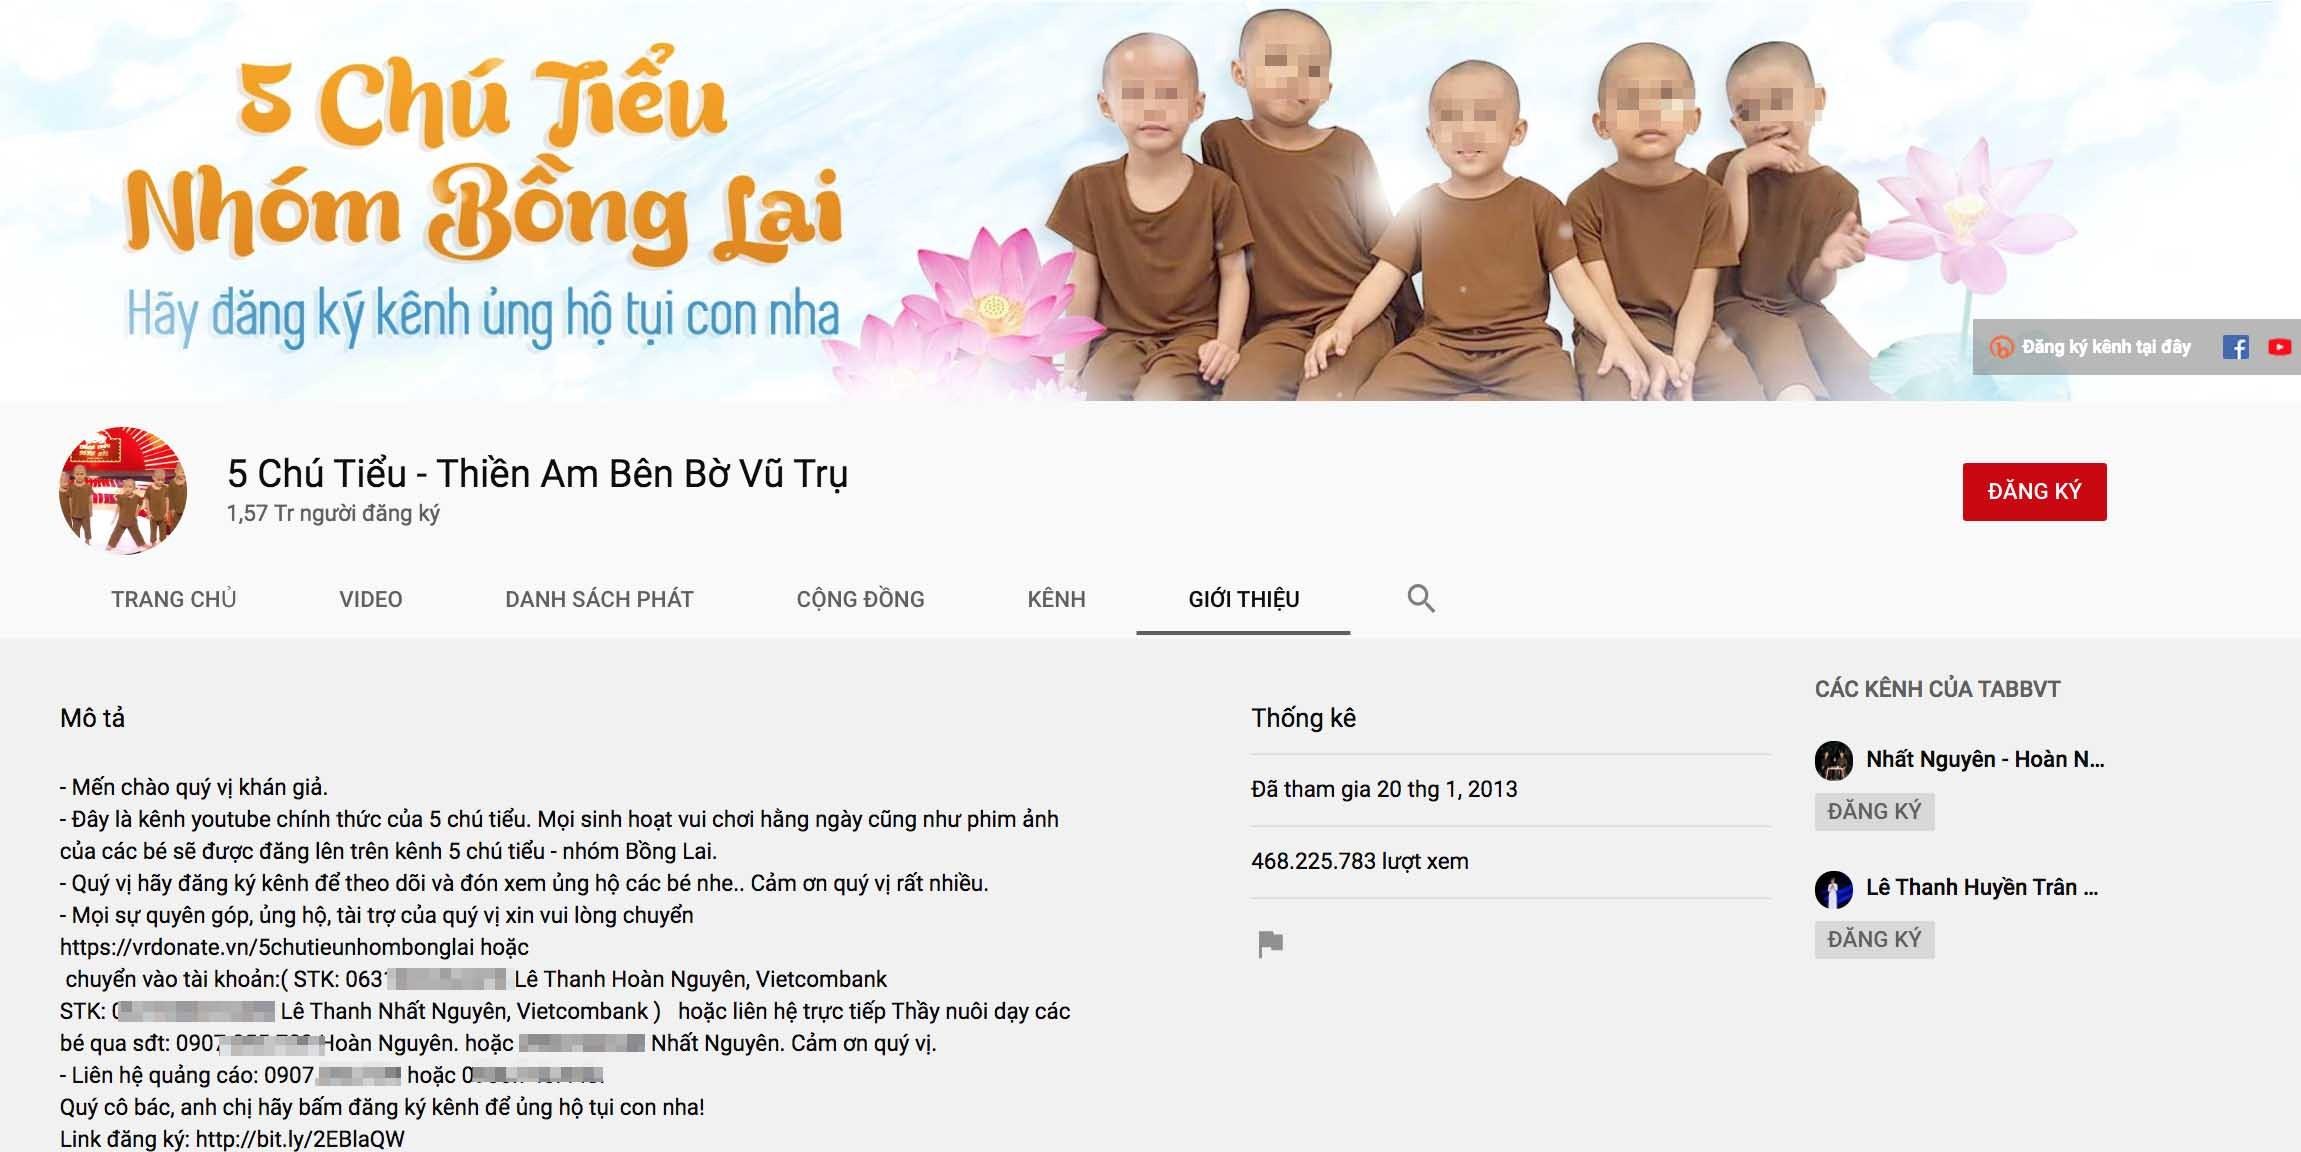 Hé lộ sự thật 'tịnh thất Bồng Lai', nơi ở 5 chú tiểu thi 'Thách thức danh hài'